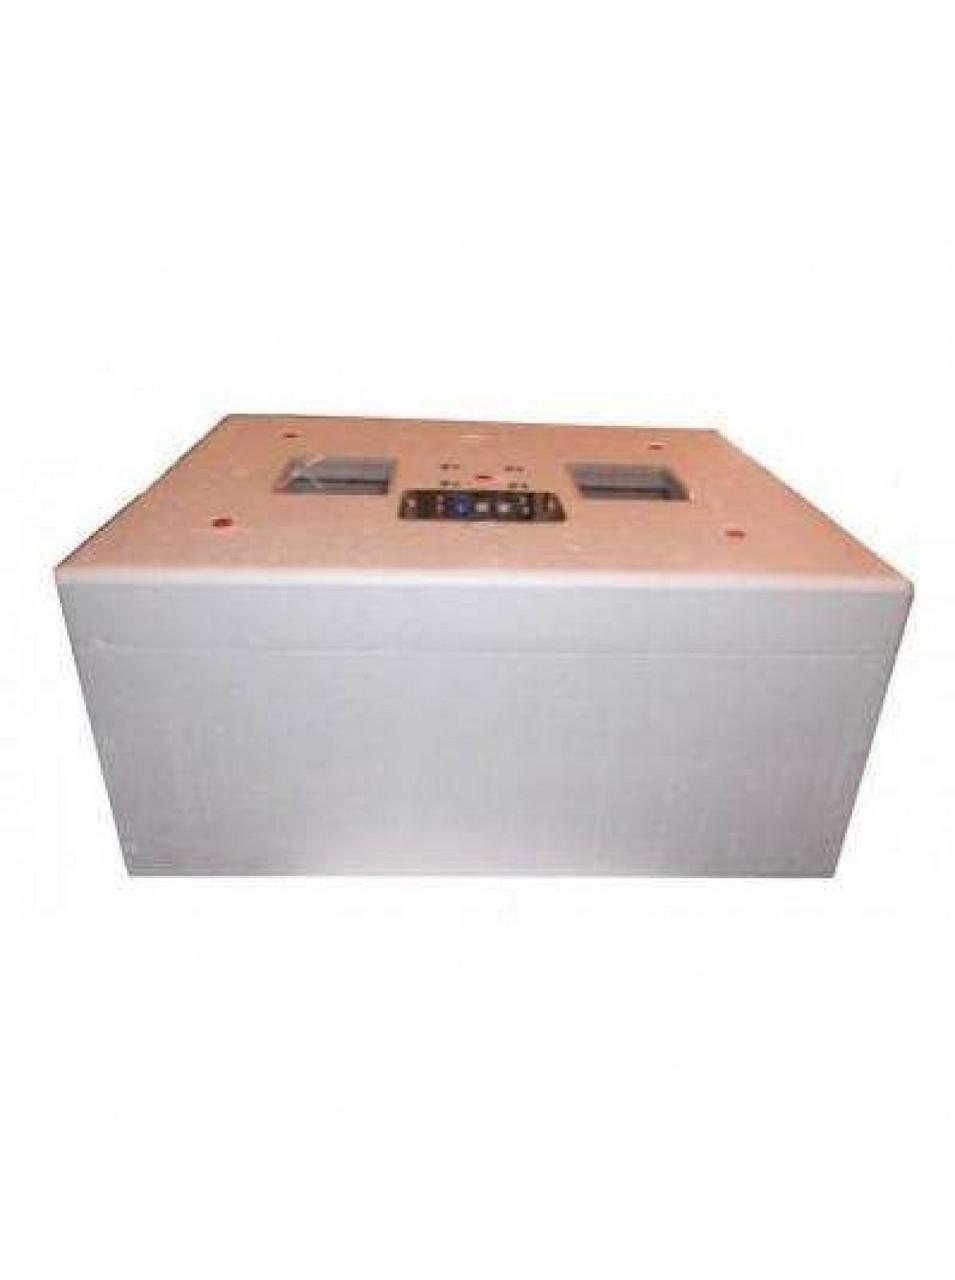 Инкубатор для яиц Курочка Ряба 63, автоматический, 4 лампы, литой корпус, вентилятор